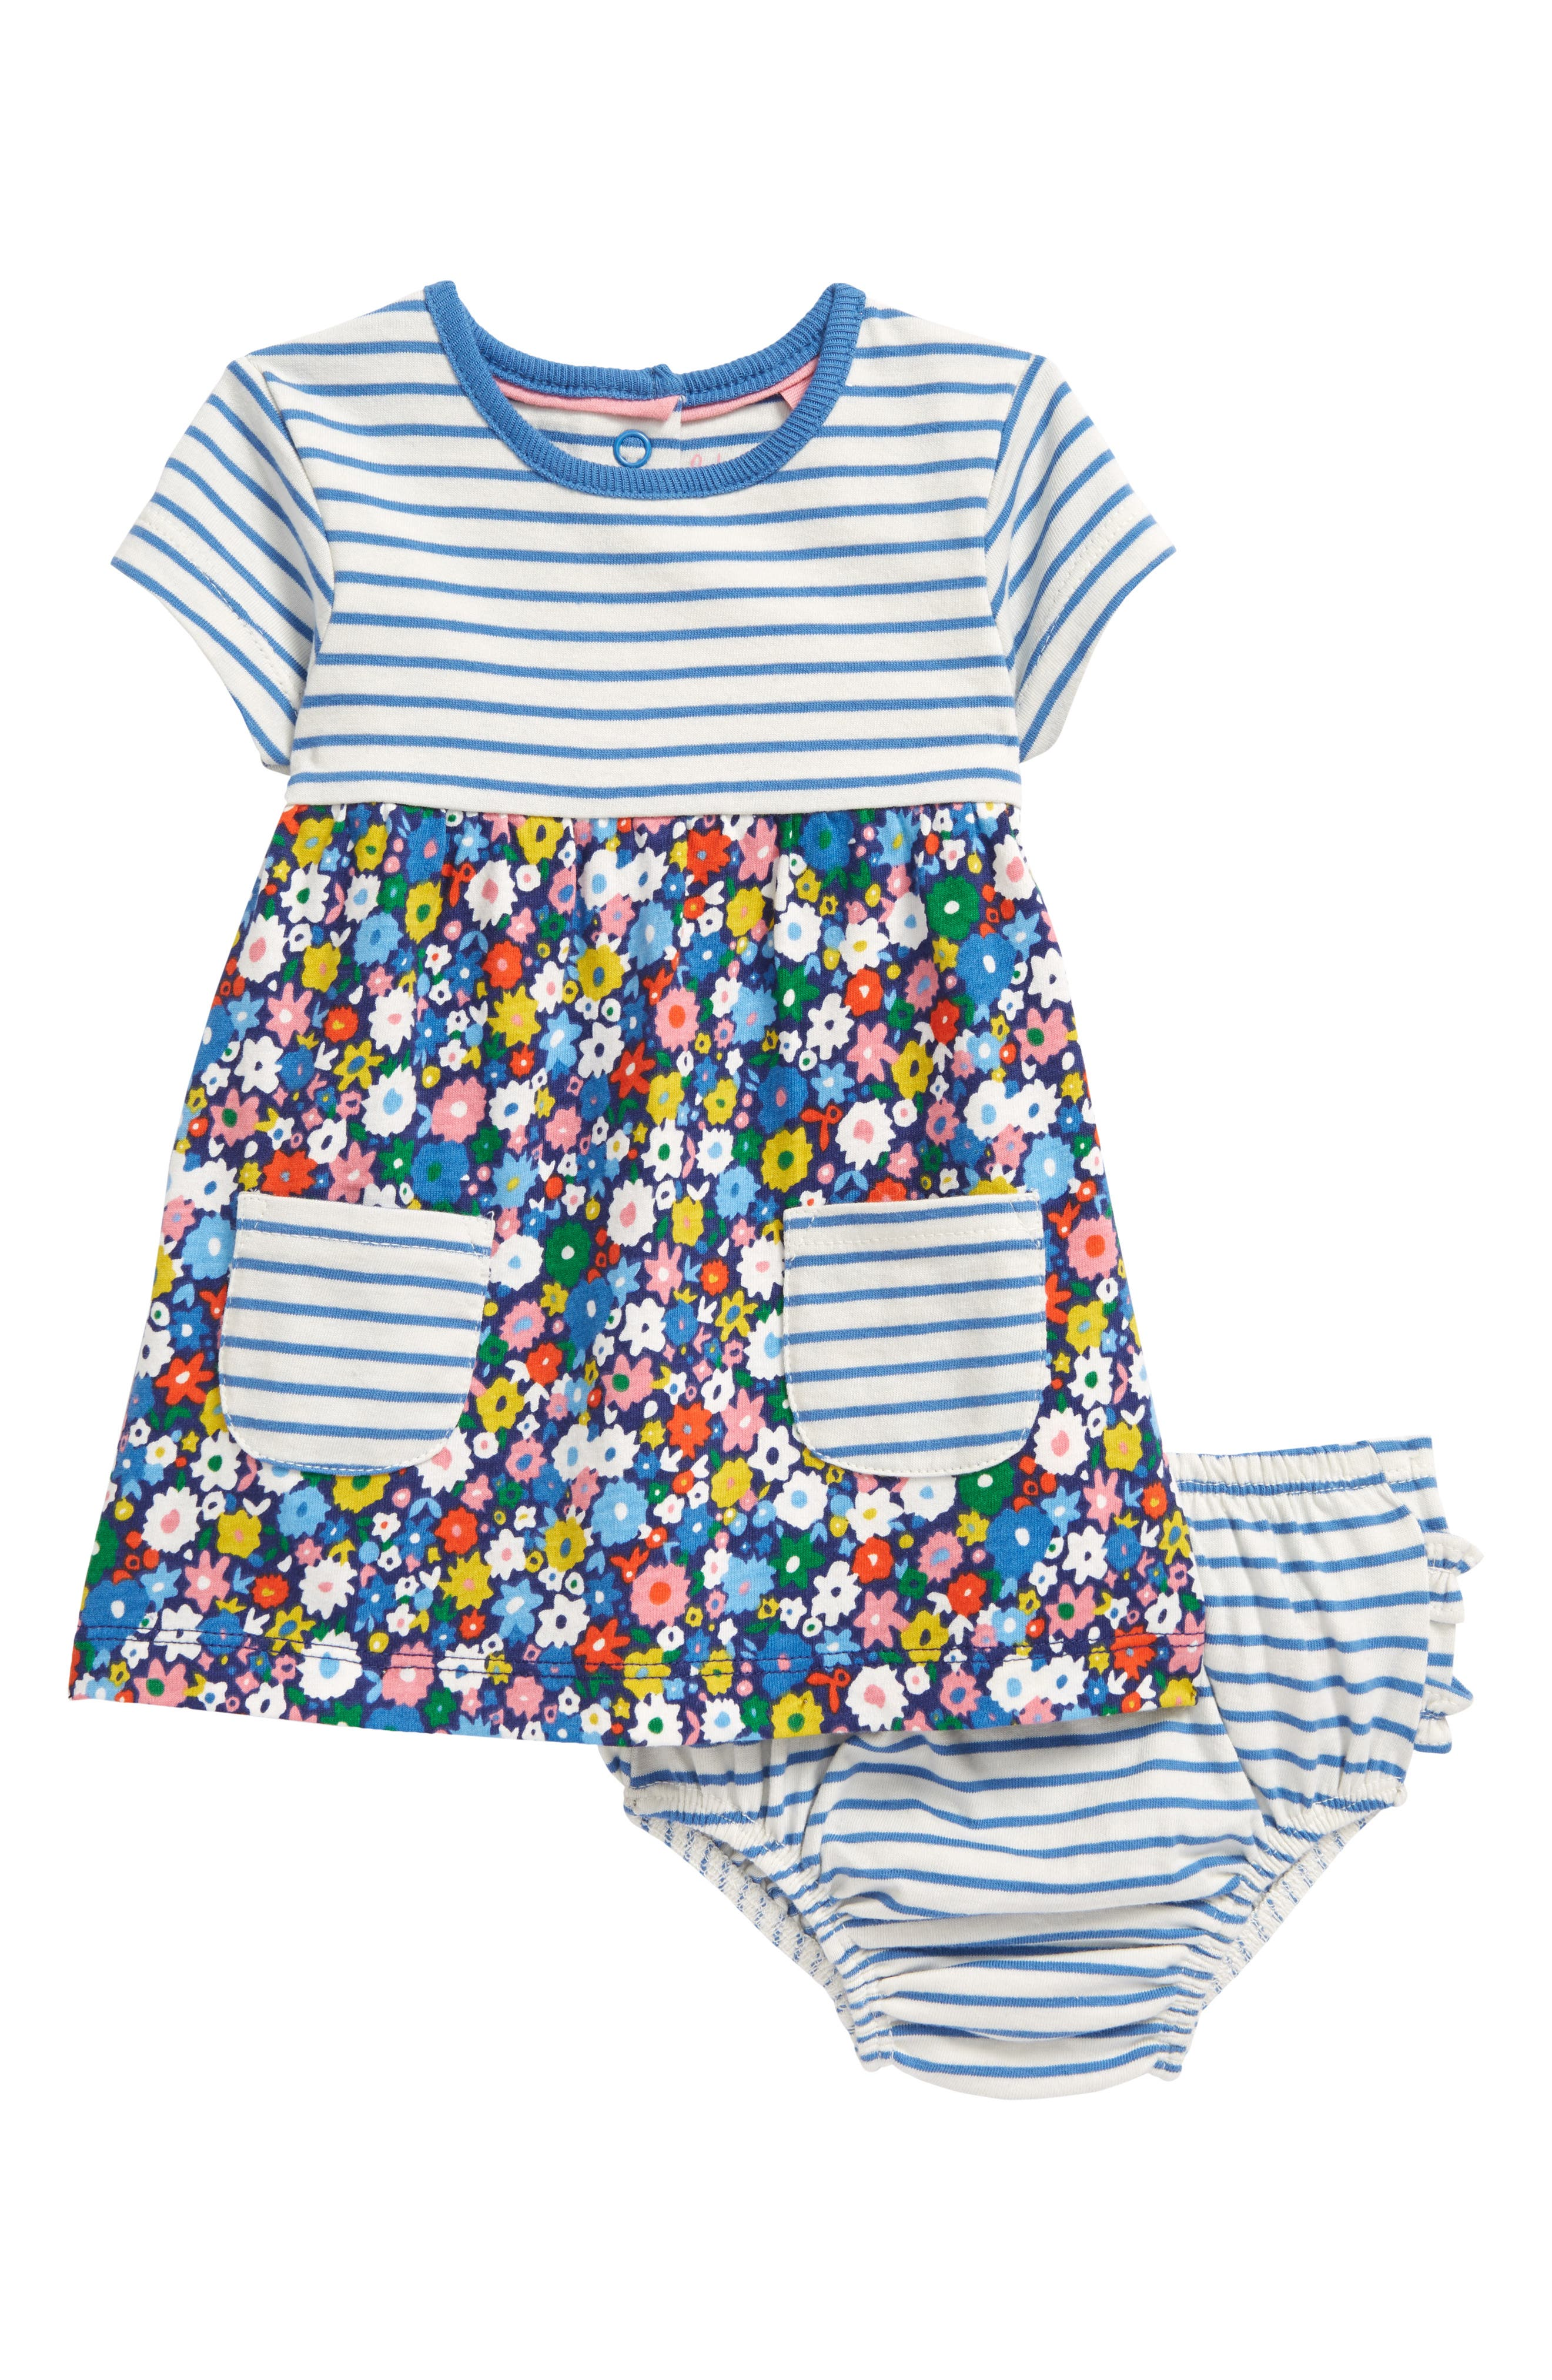 s.Oliver Unisex Baby 2er-Pack Leggings aus Jersey